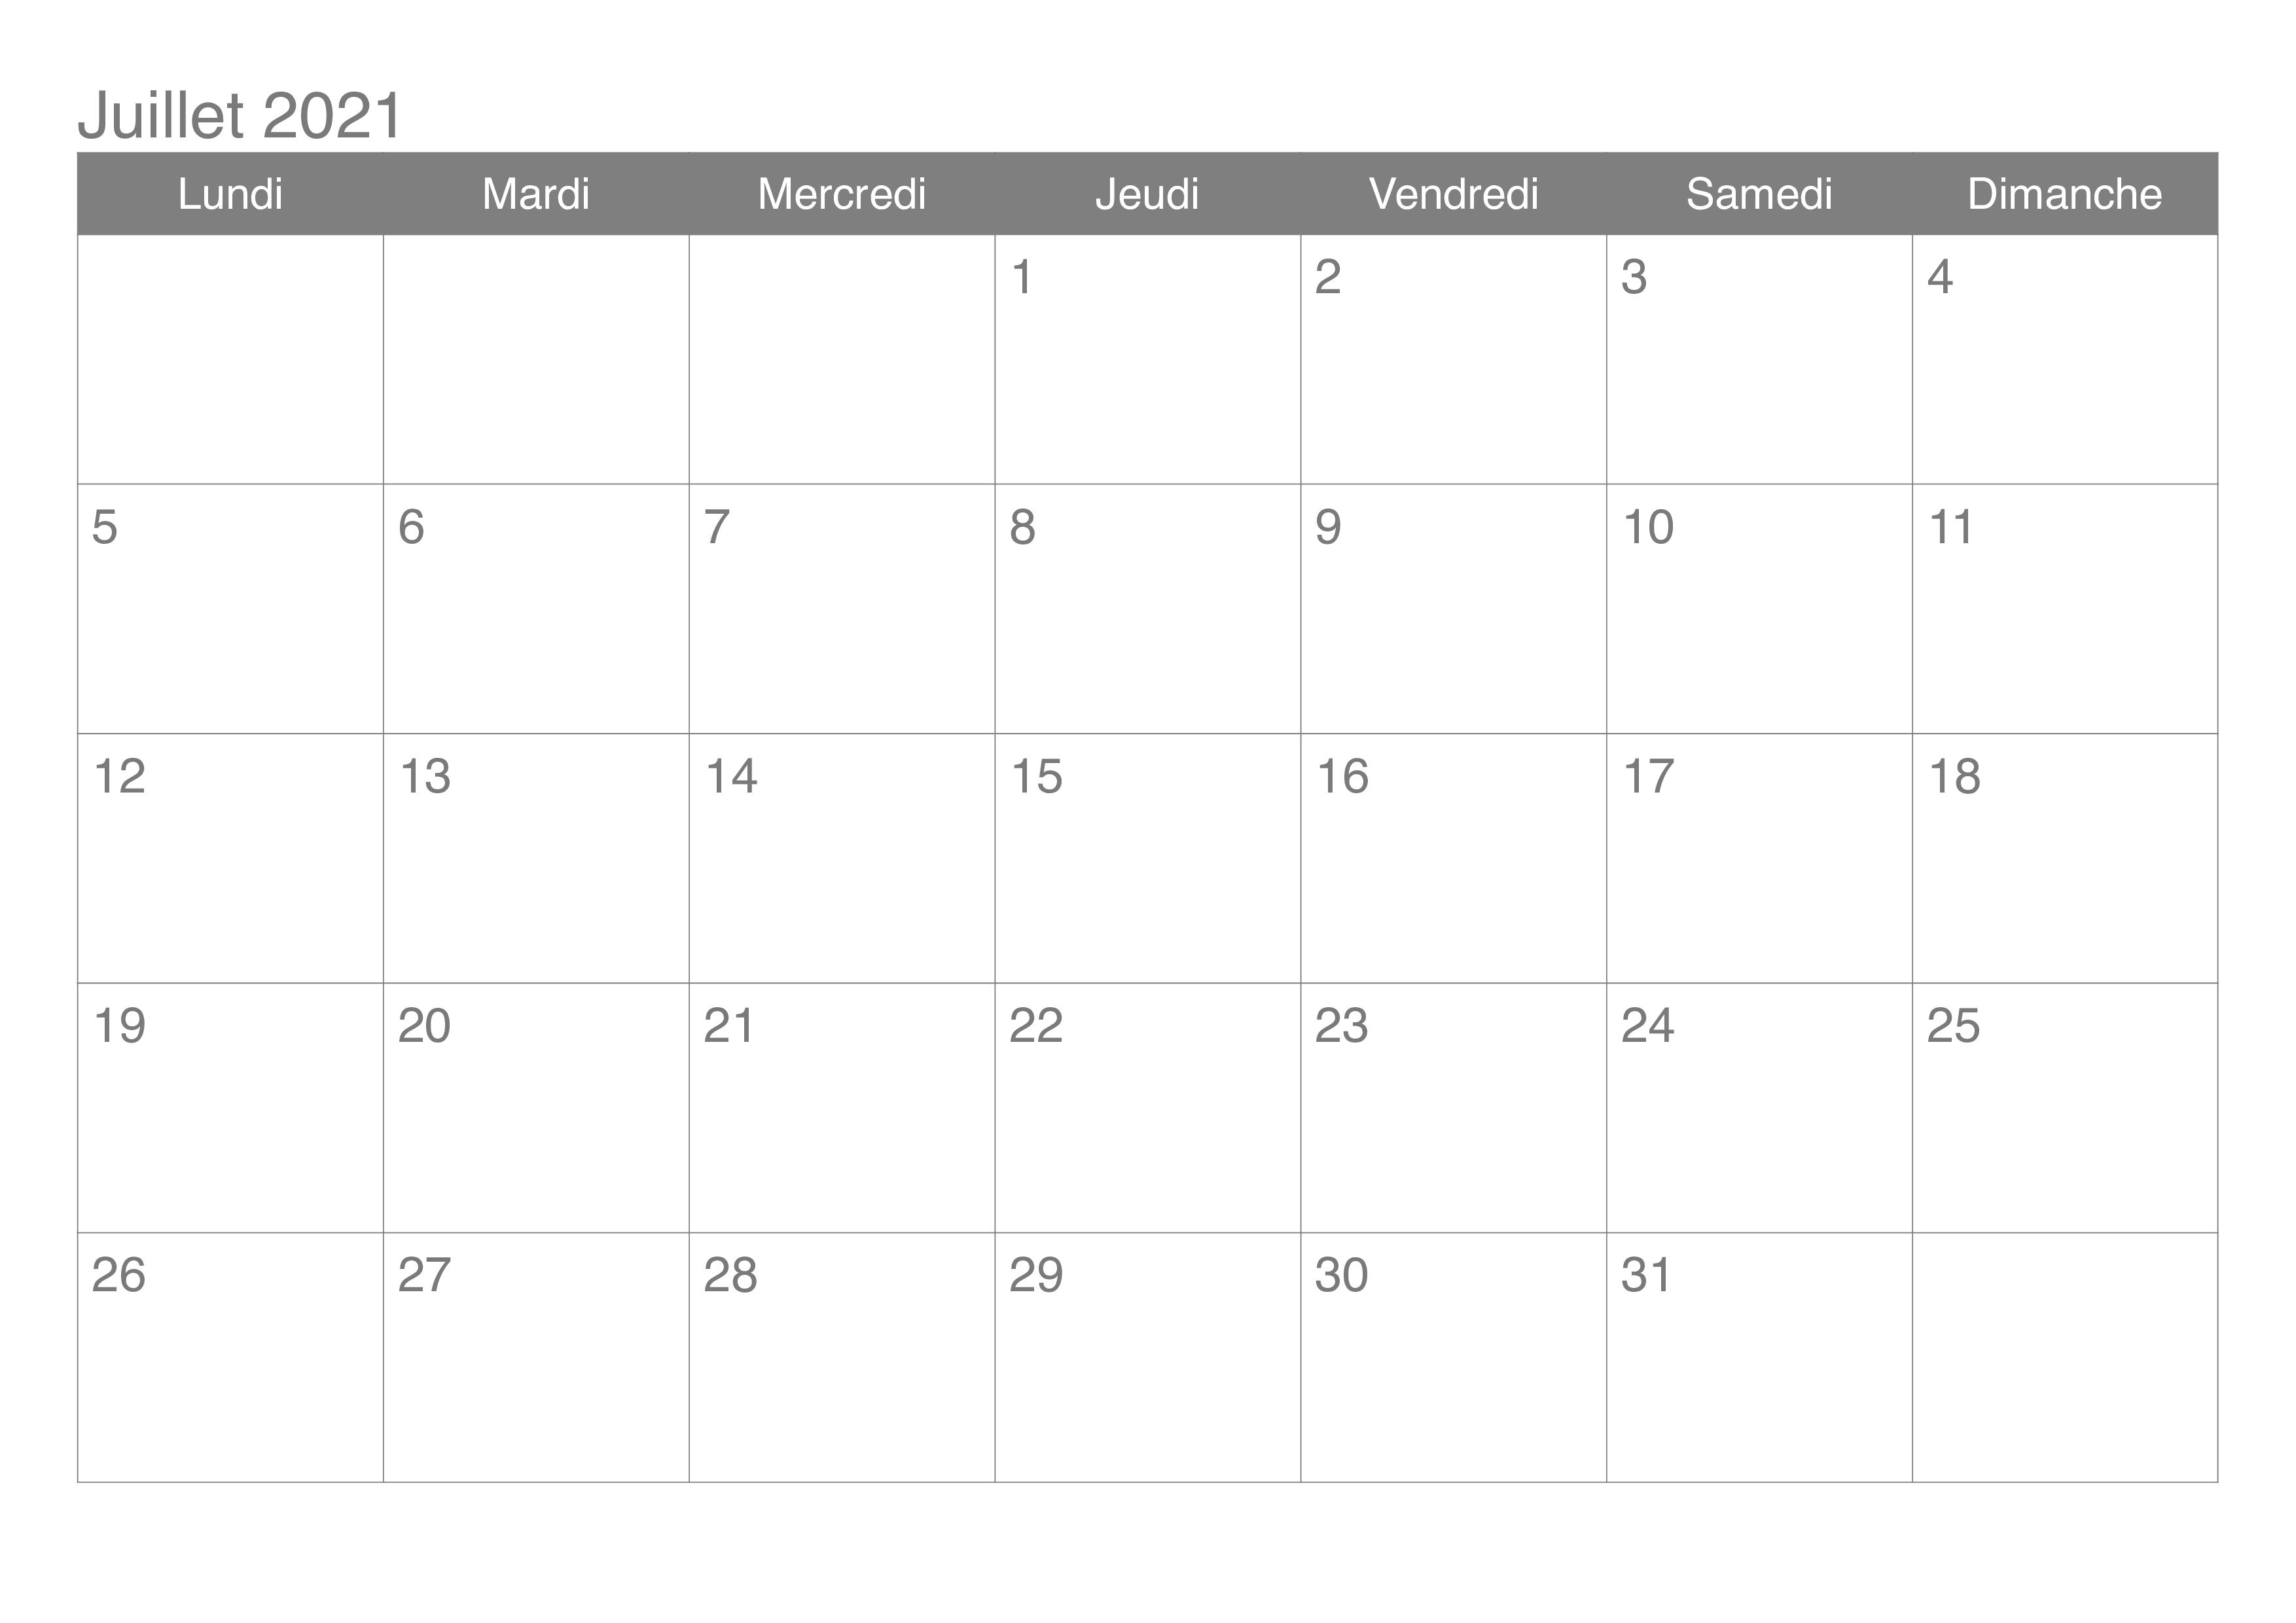 2021 Calendrier Juillet jours fériés